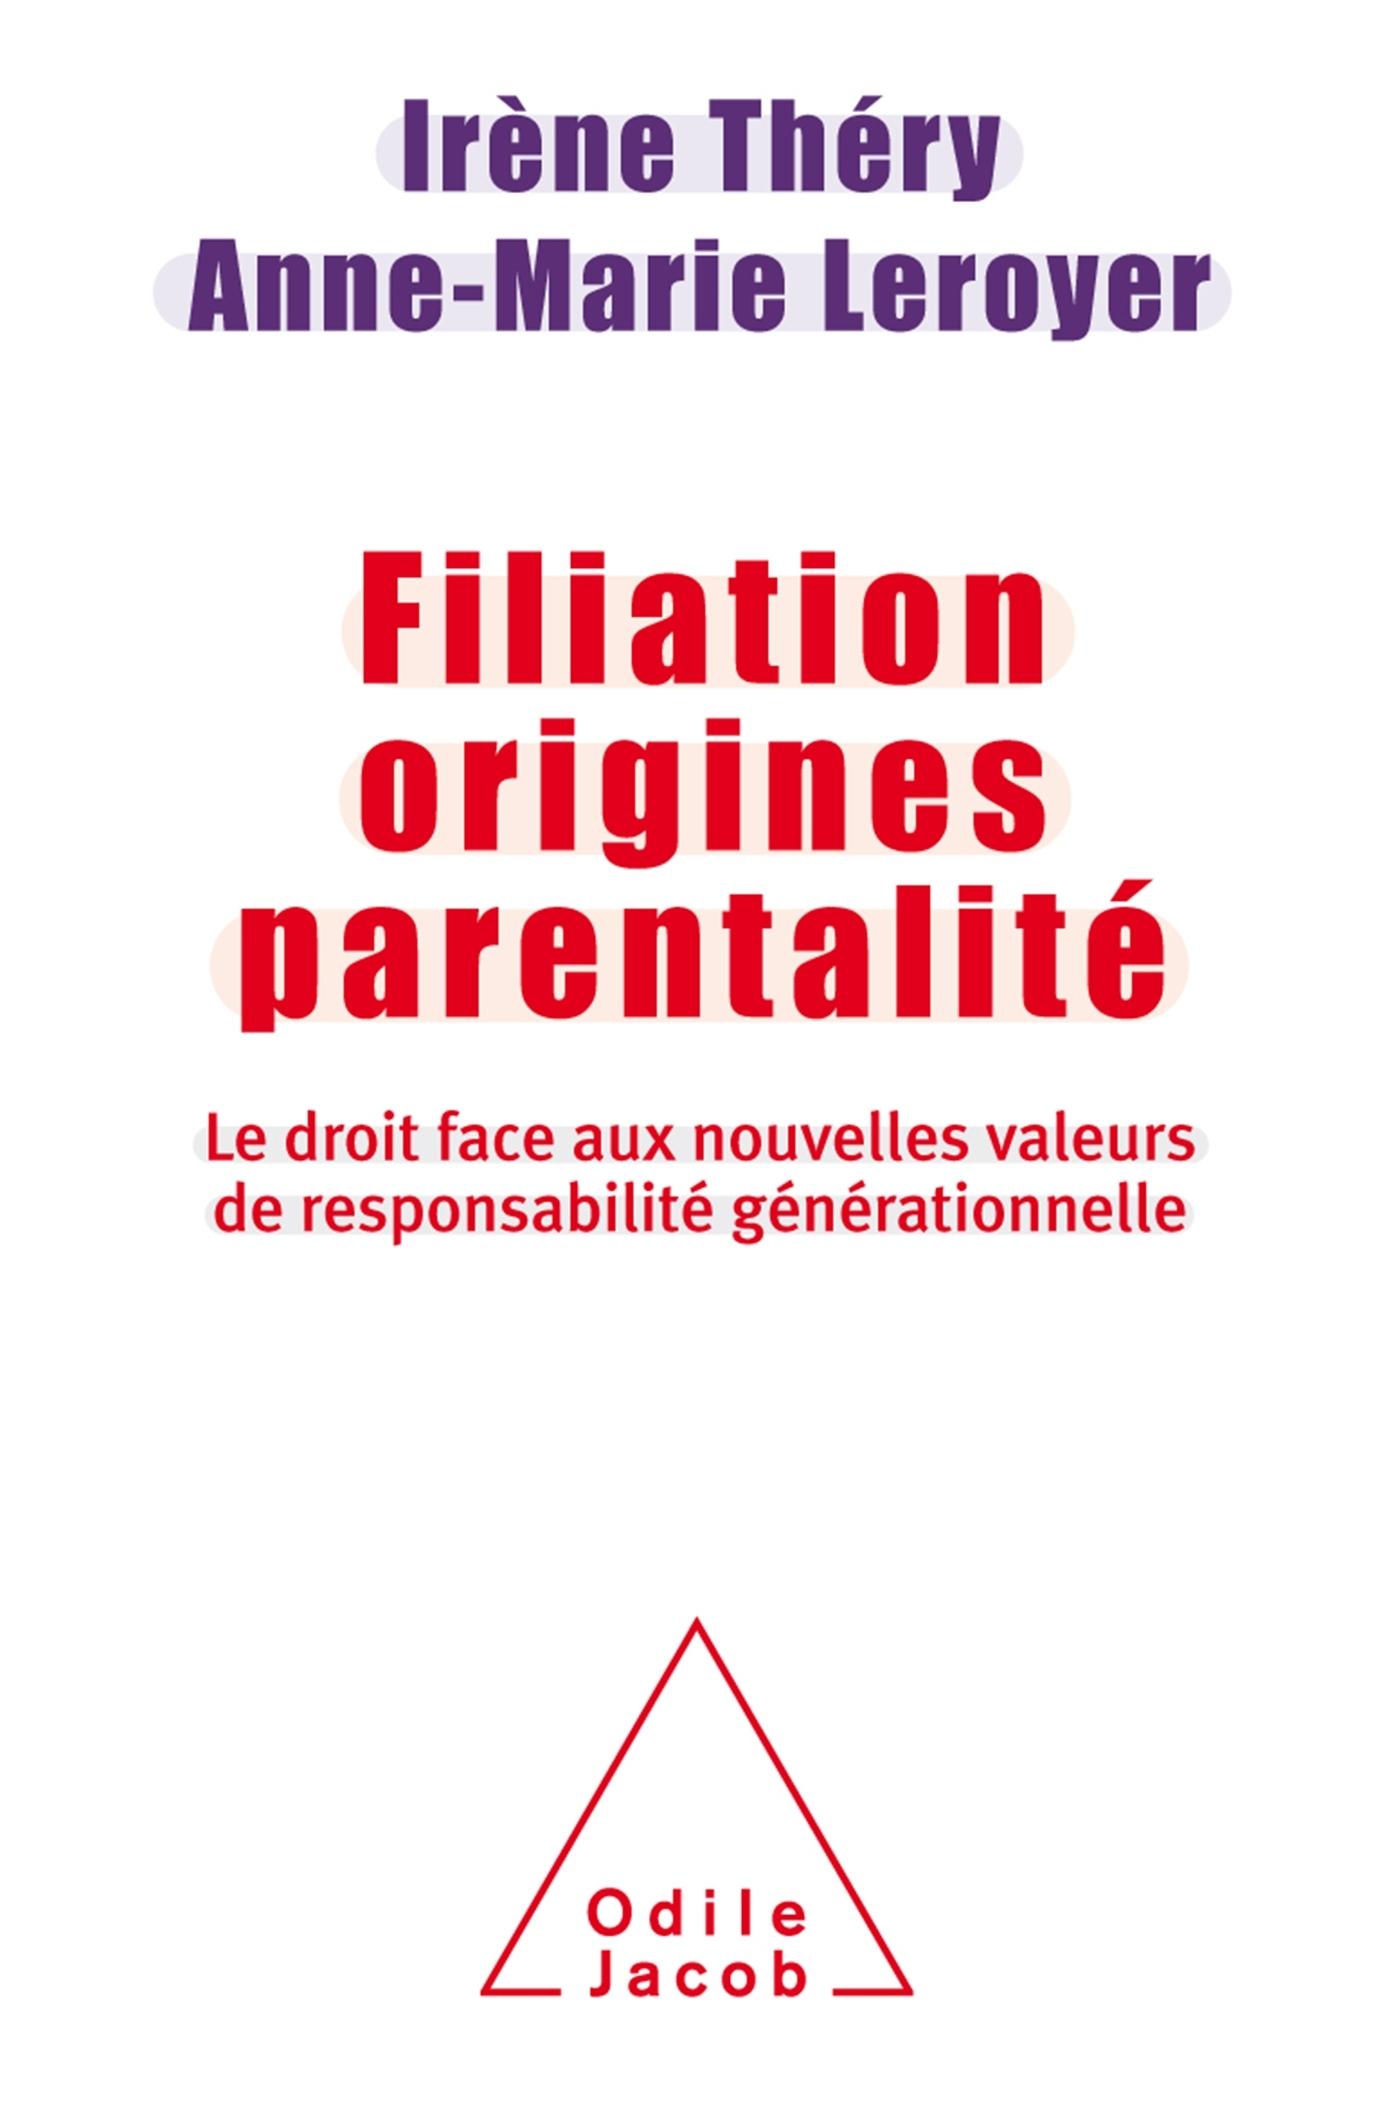 FILIATION ORIGINES PARENTALITE